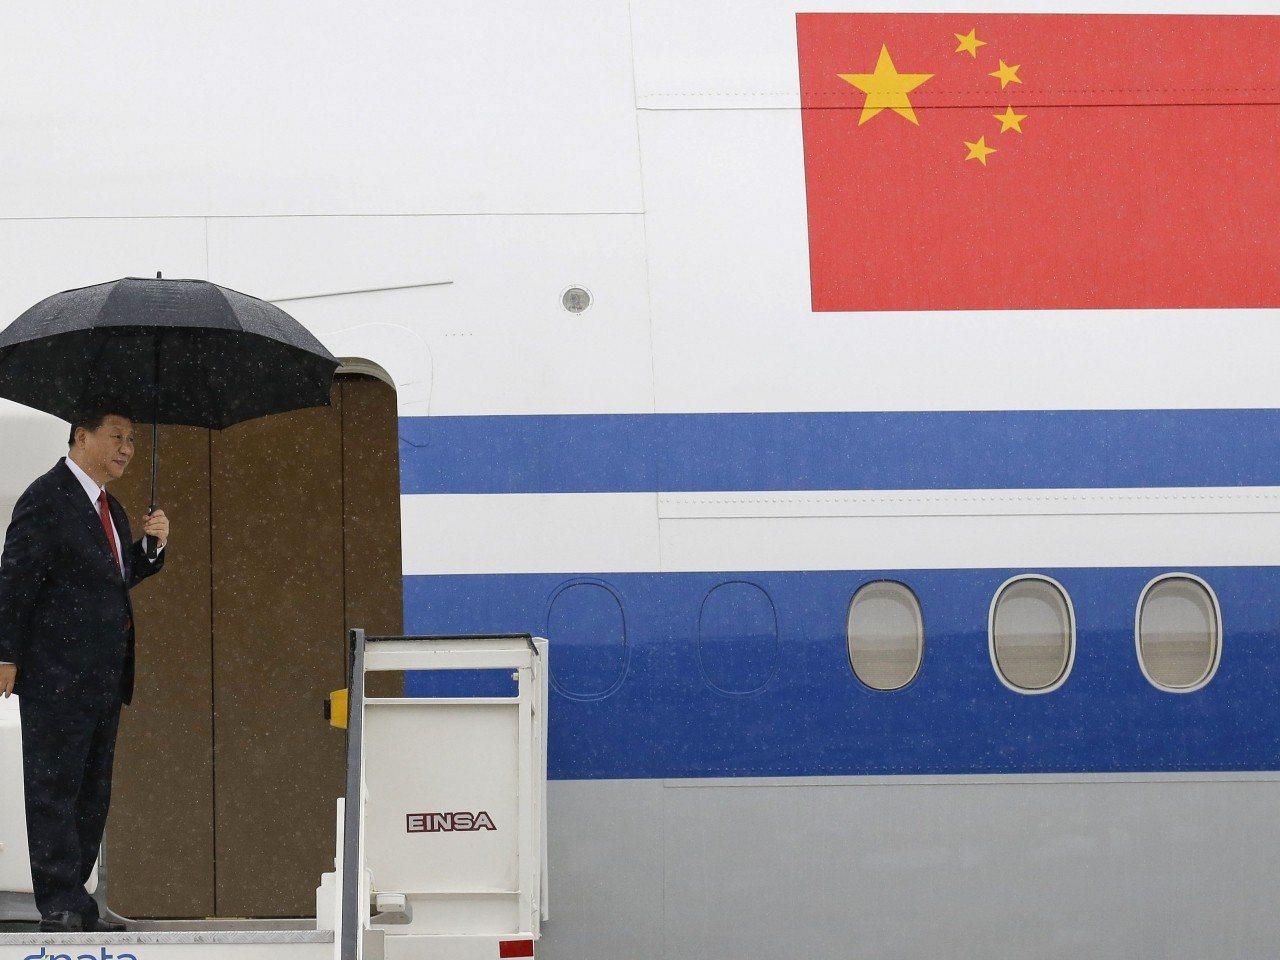 中國大陸國家主席習近平啟程前往歐洲國家訪問。(香港電台)